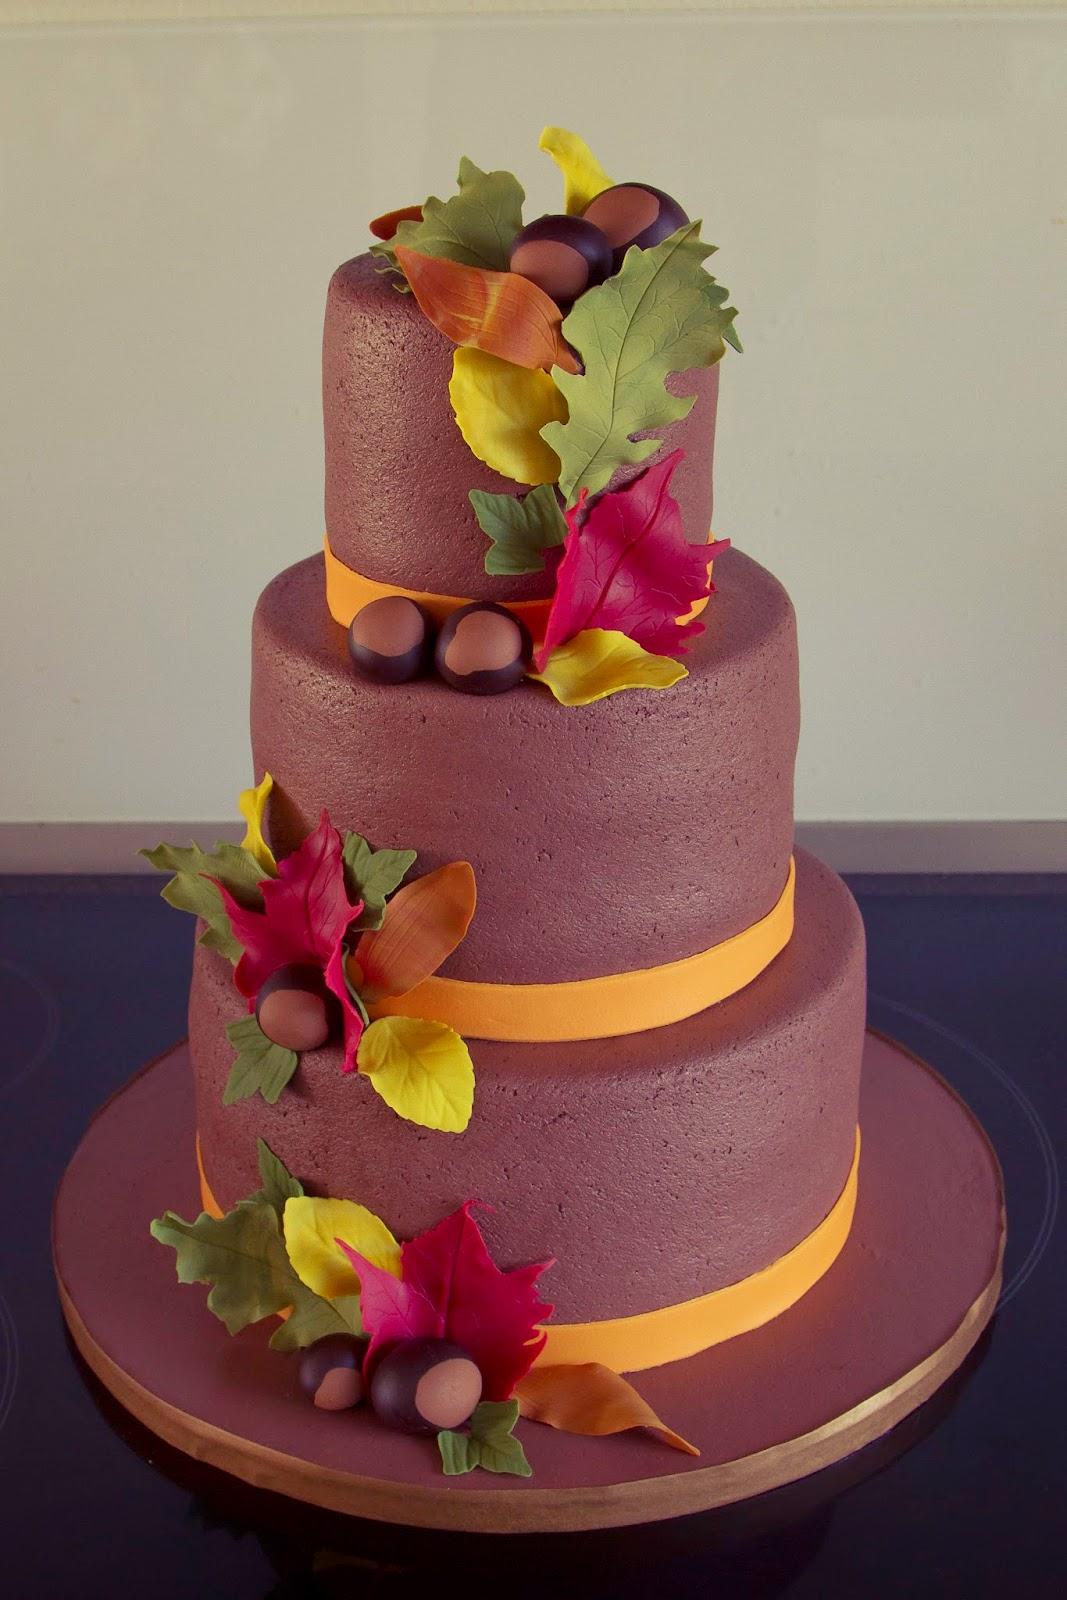 kagepynt til bryllup